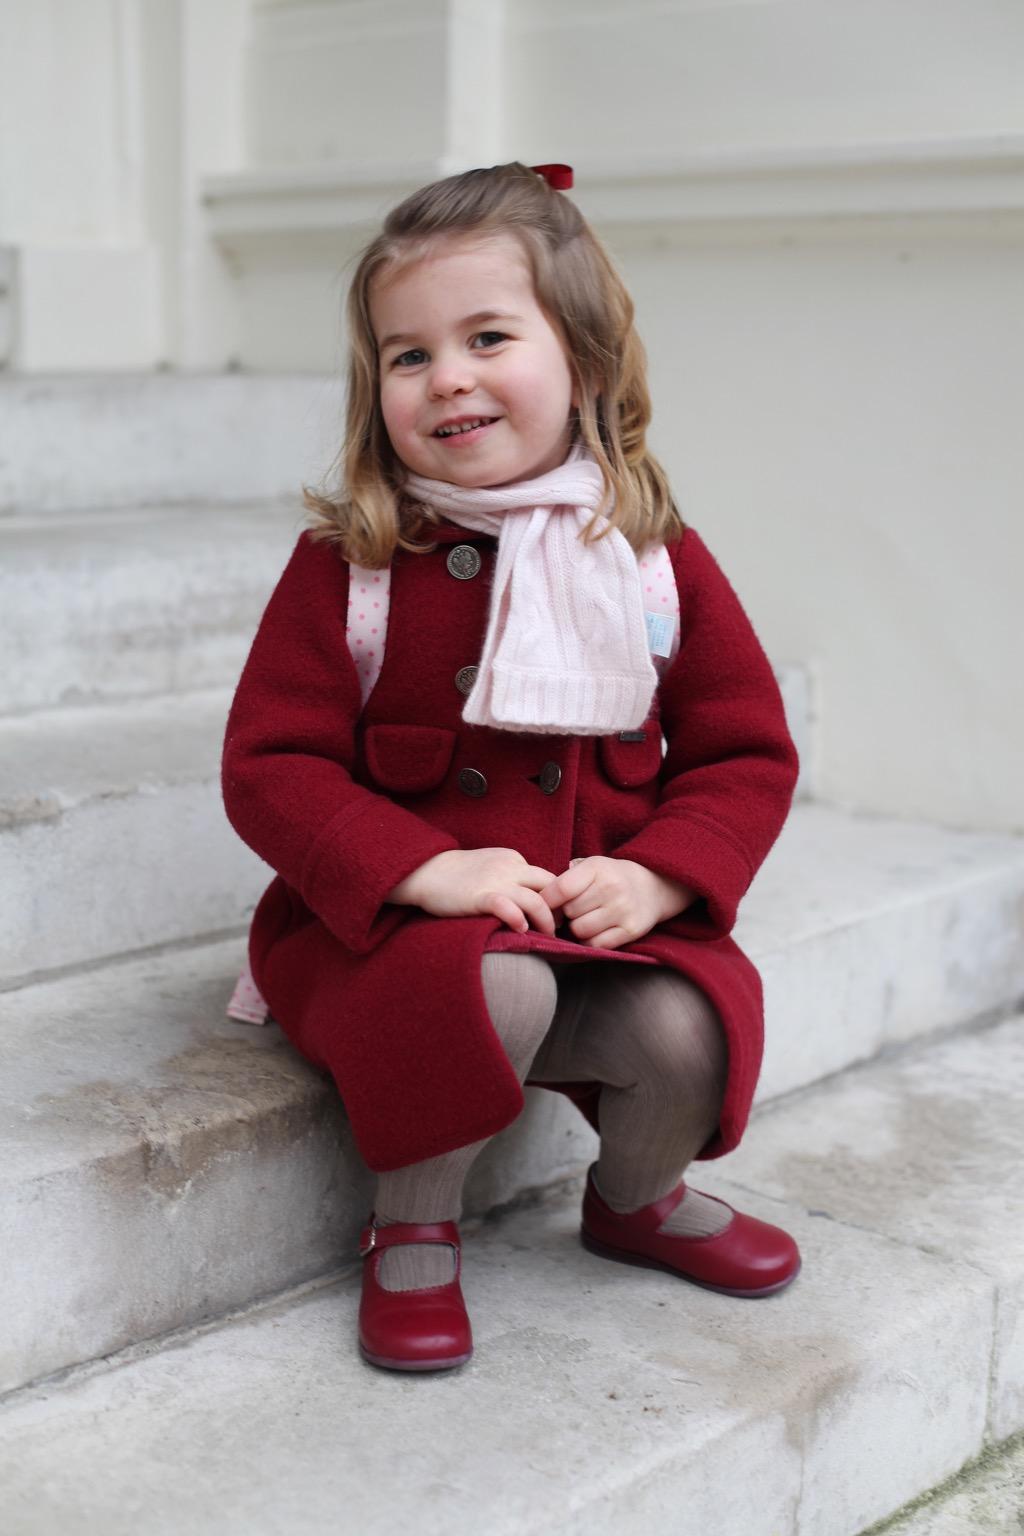 princess charlotte, Young Royals Changing British Monarchy